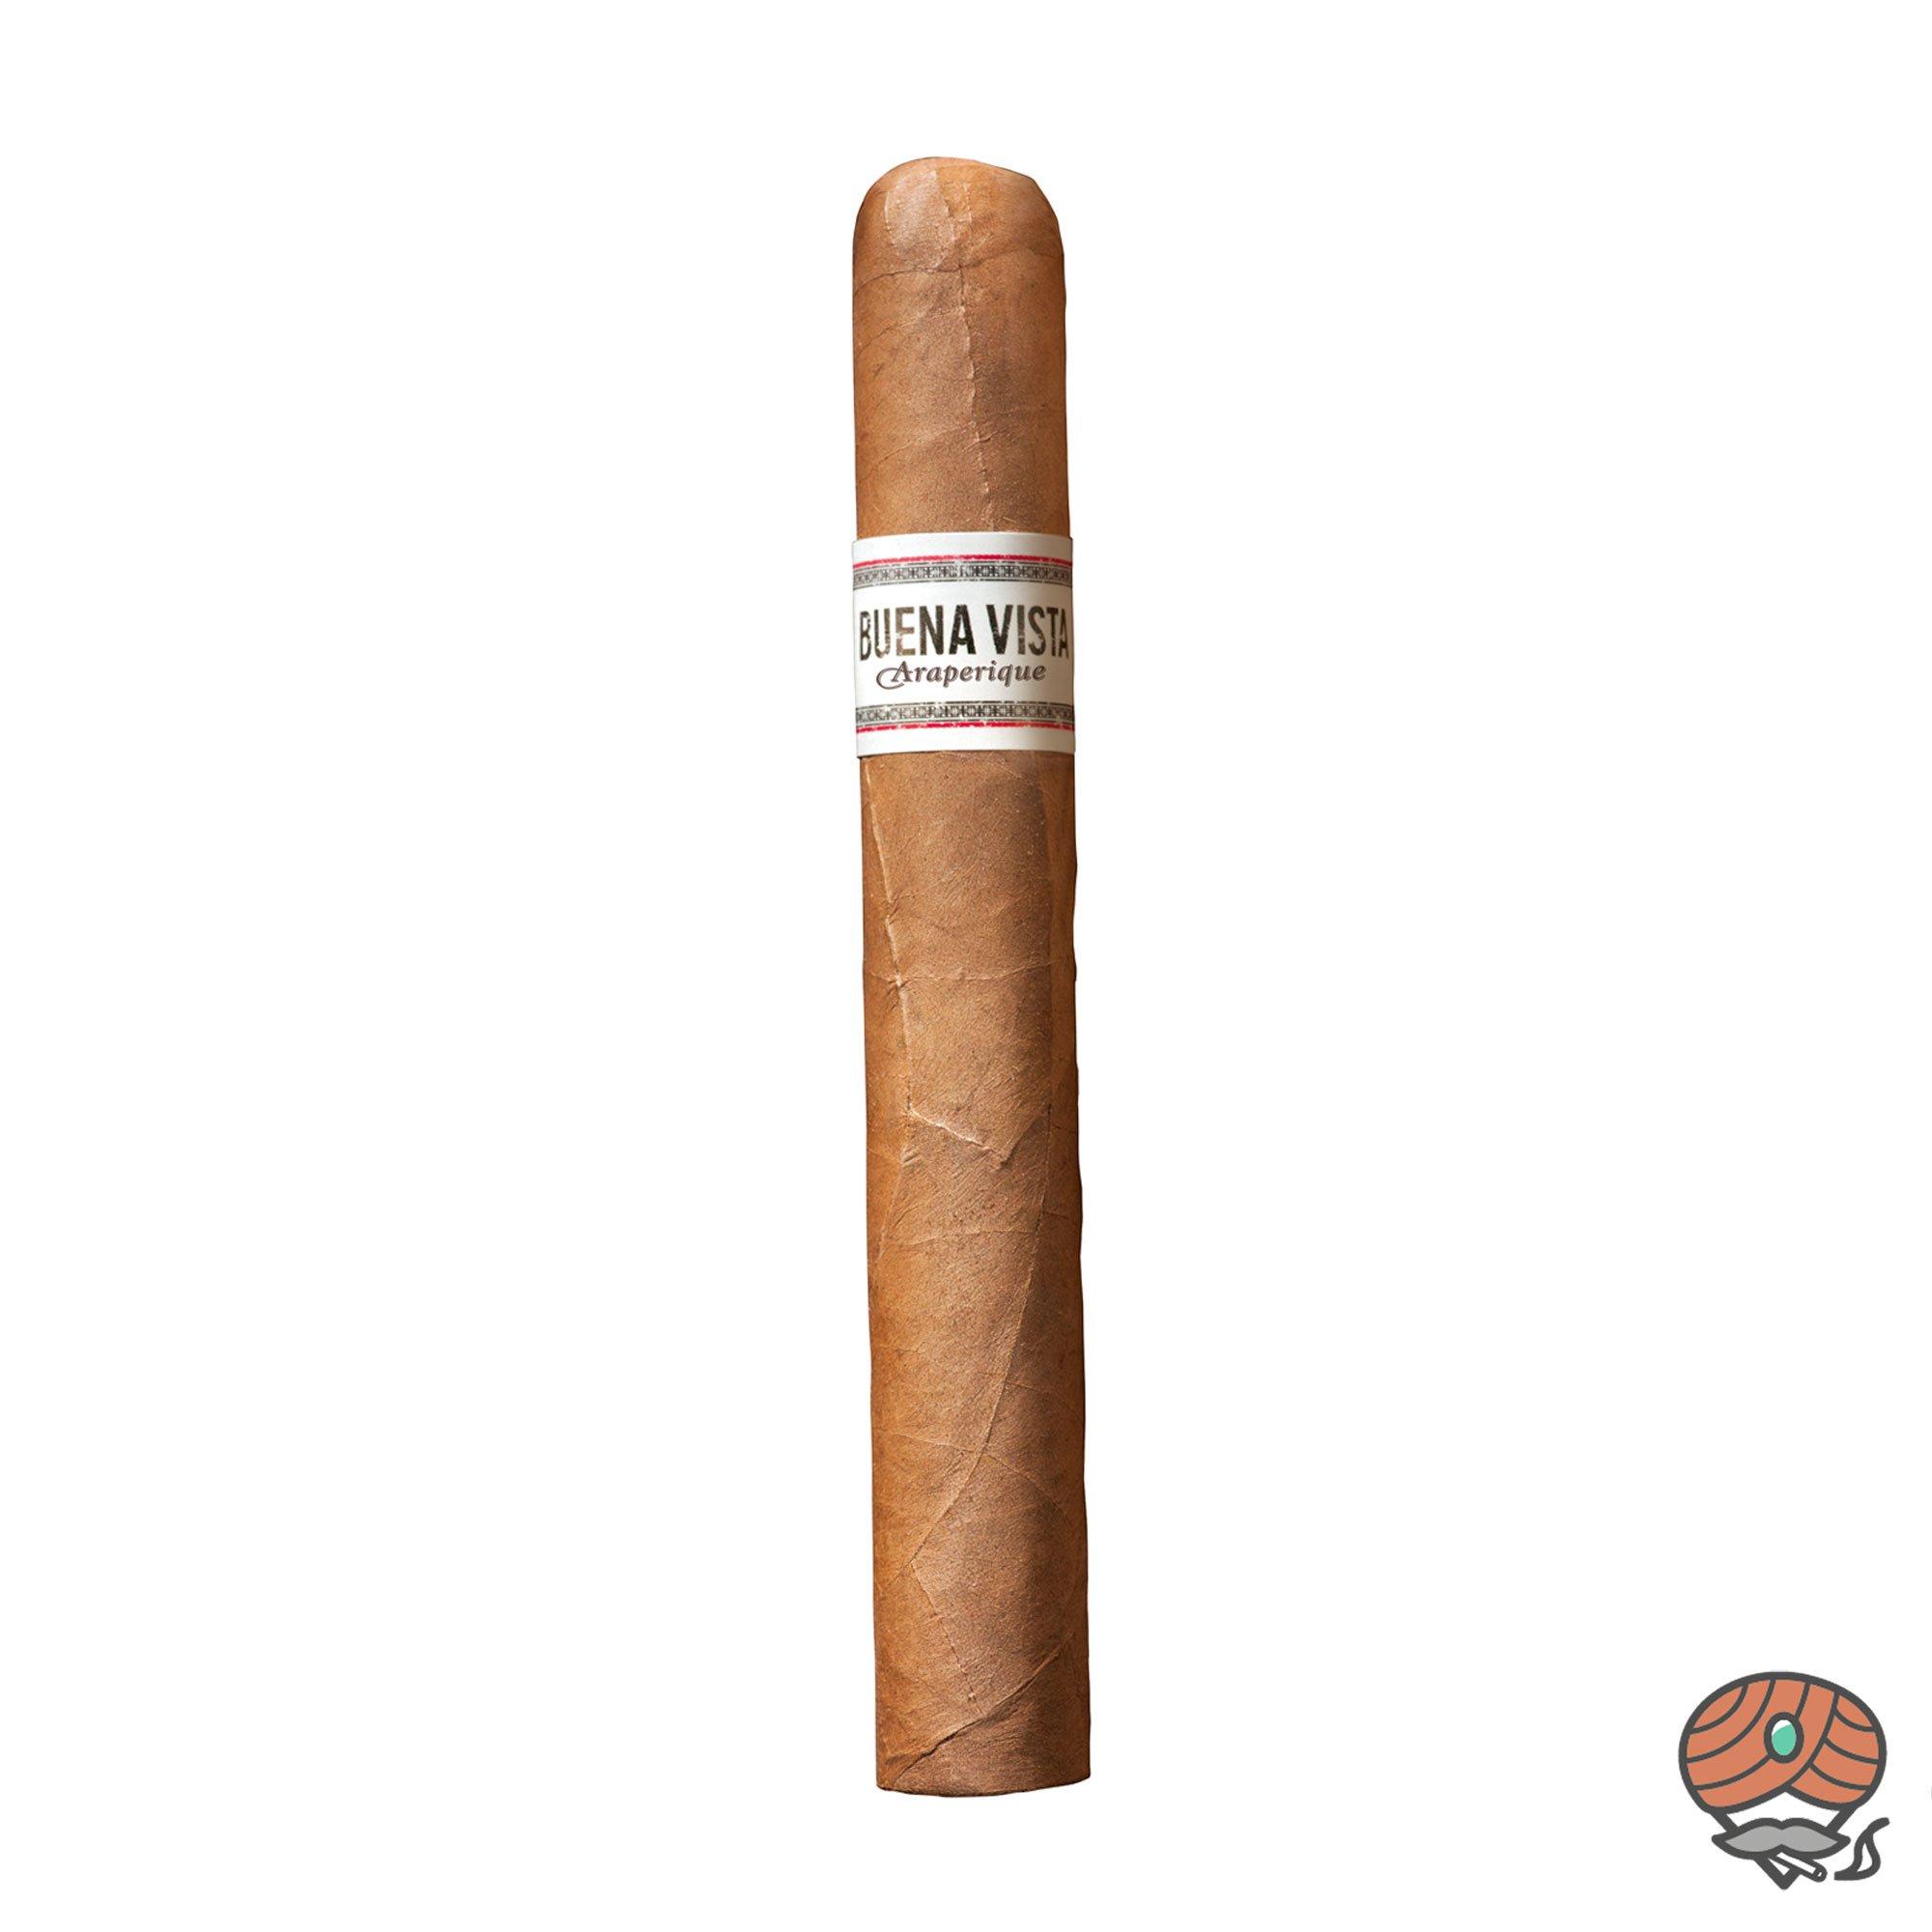 Buena Vista Araperique Toro Zigarre Dominikanische Republik